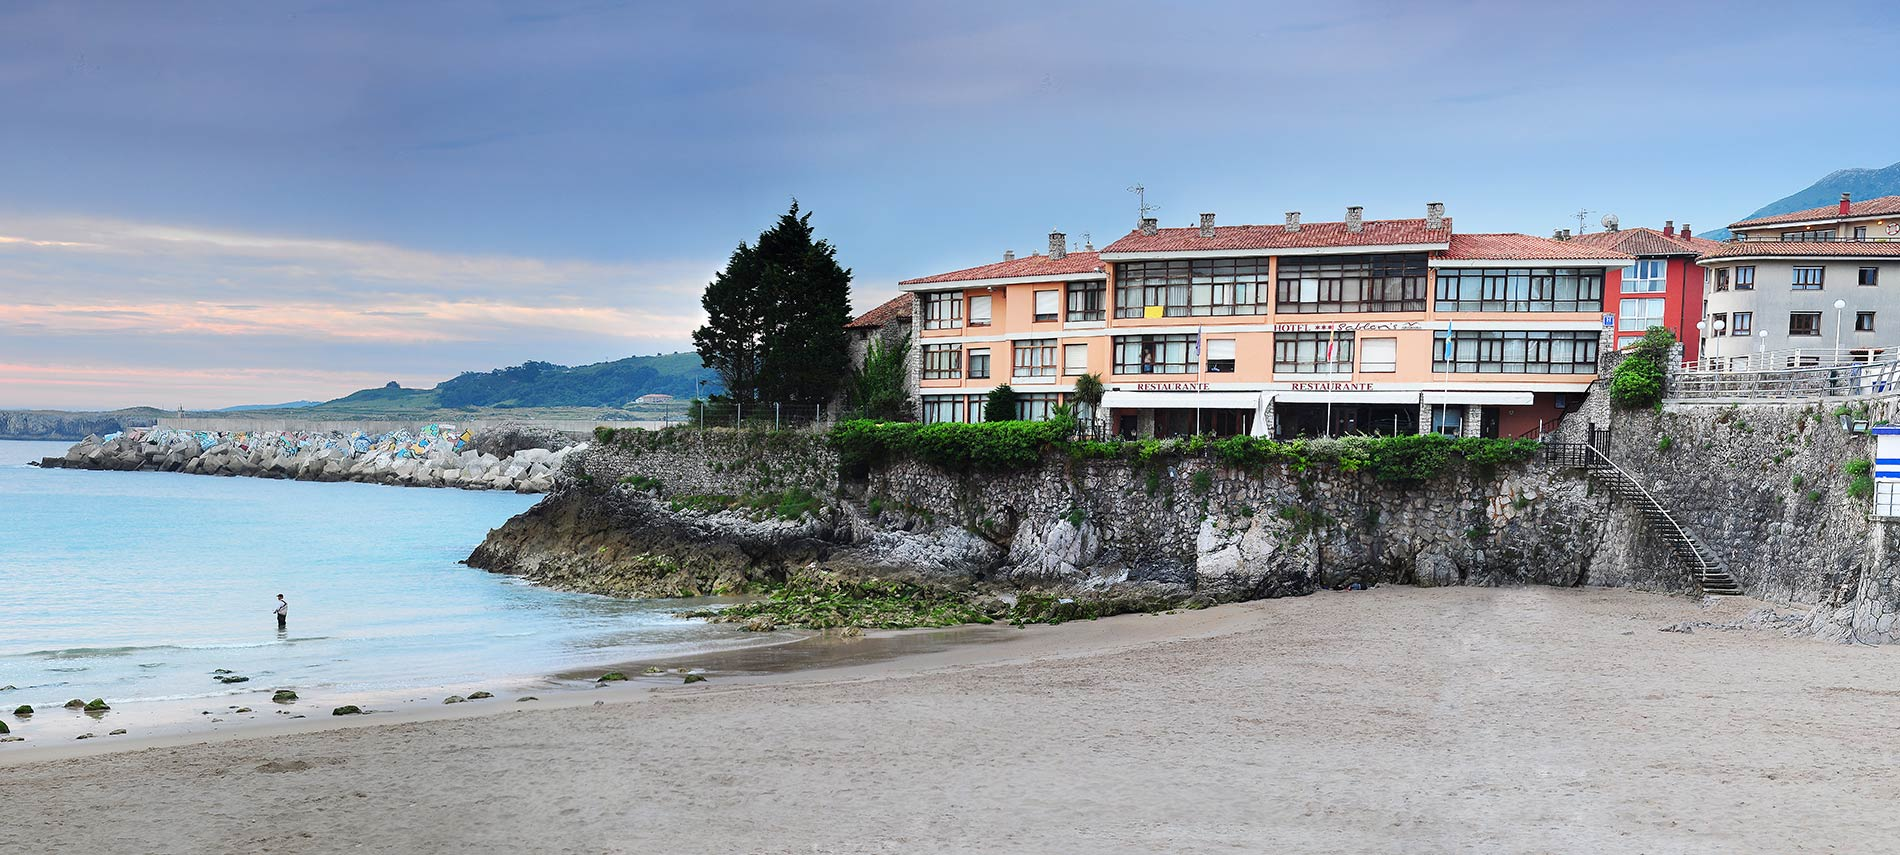 hotel sabl n en llanes asturias